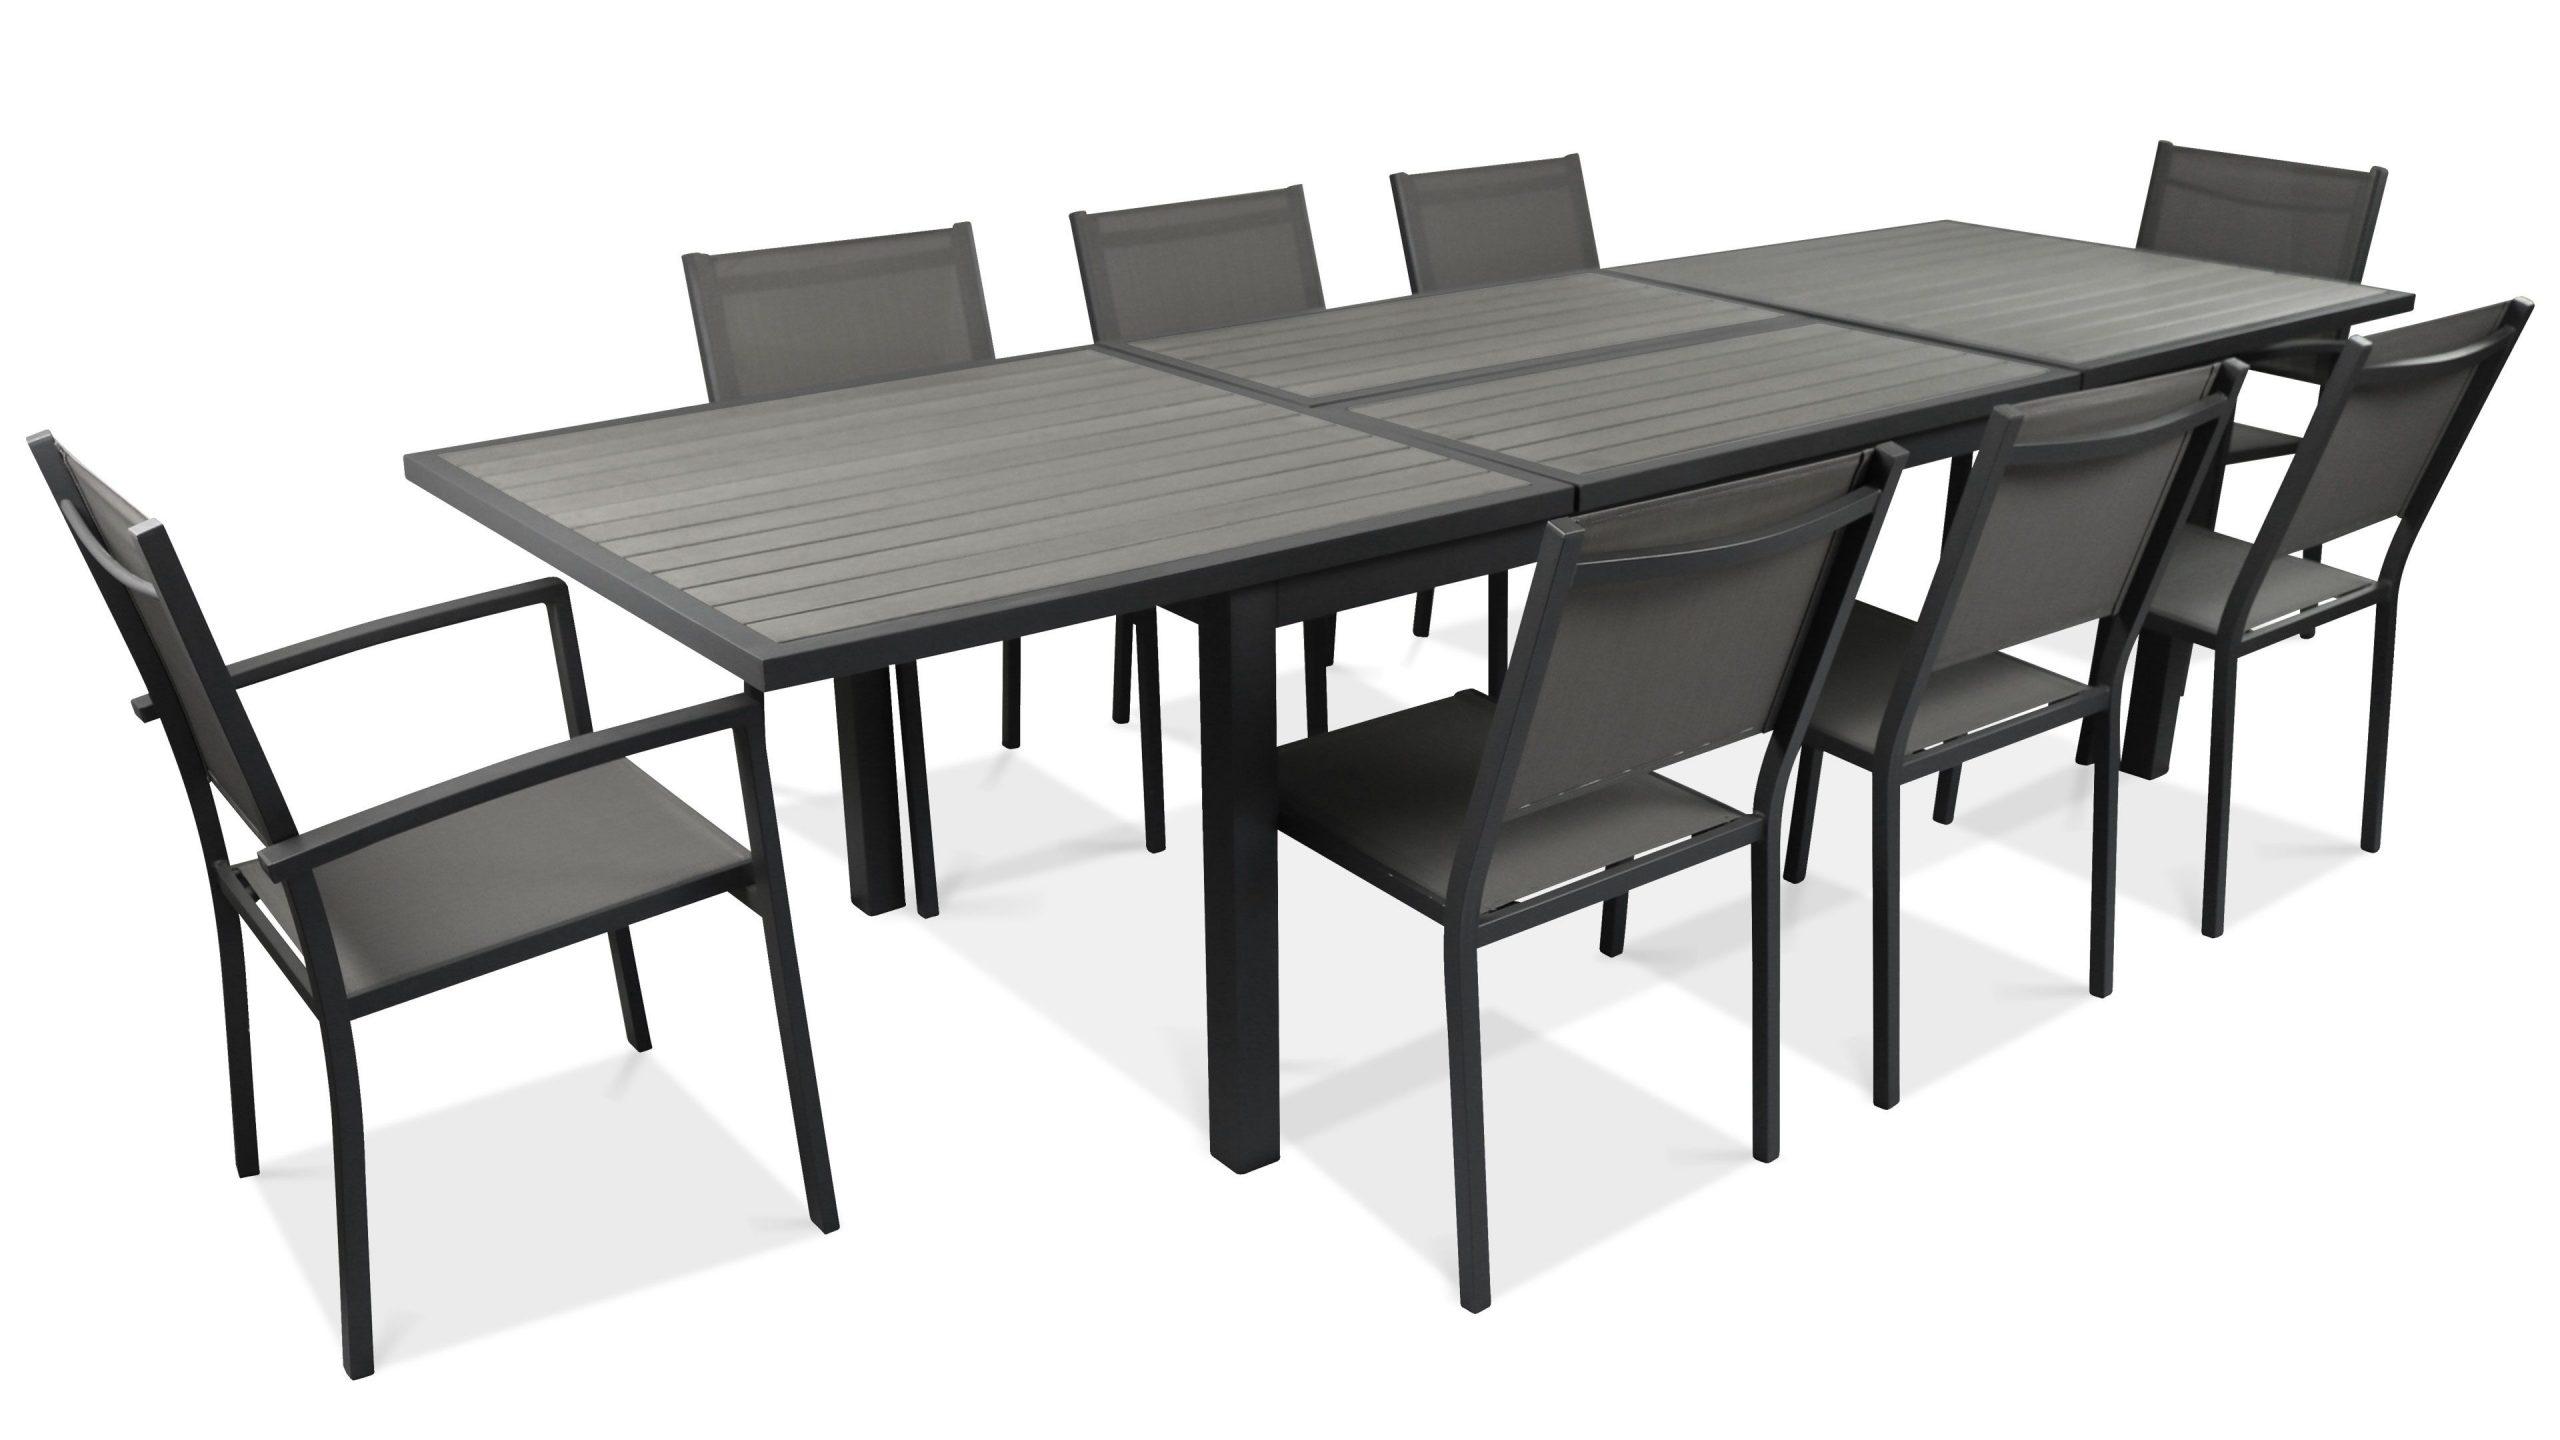 Salon Table De Jardin Extensible 10 Places pour Table De Jardin En Aluminium Avec Rallonge